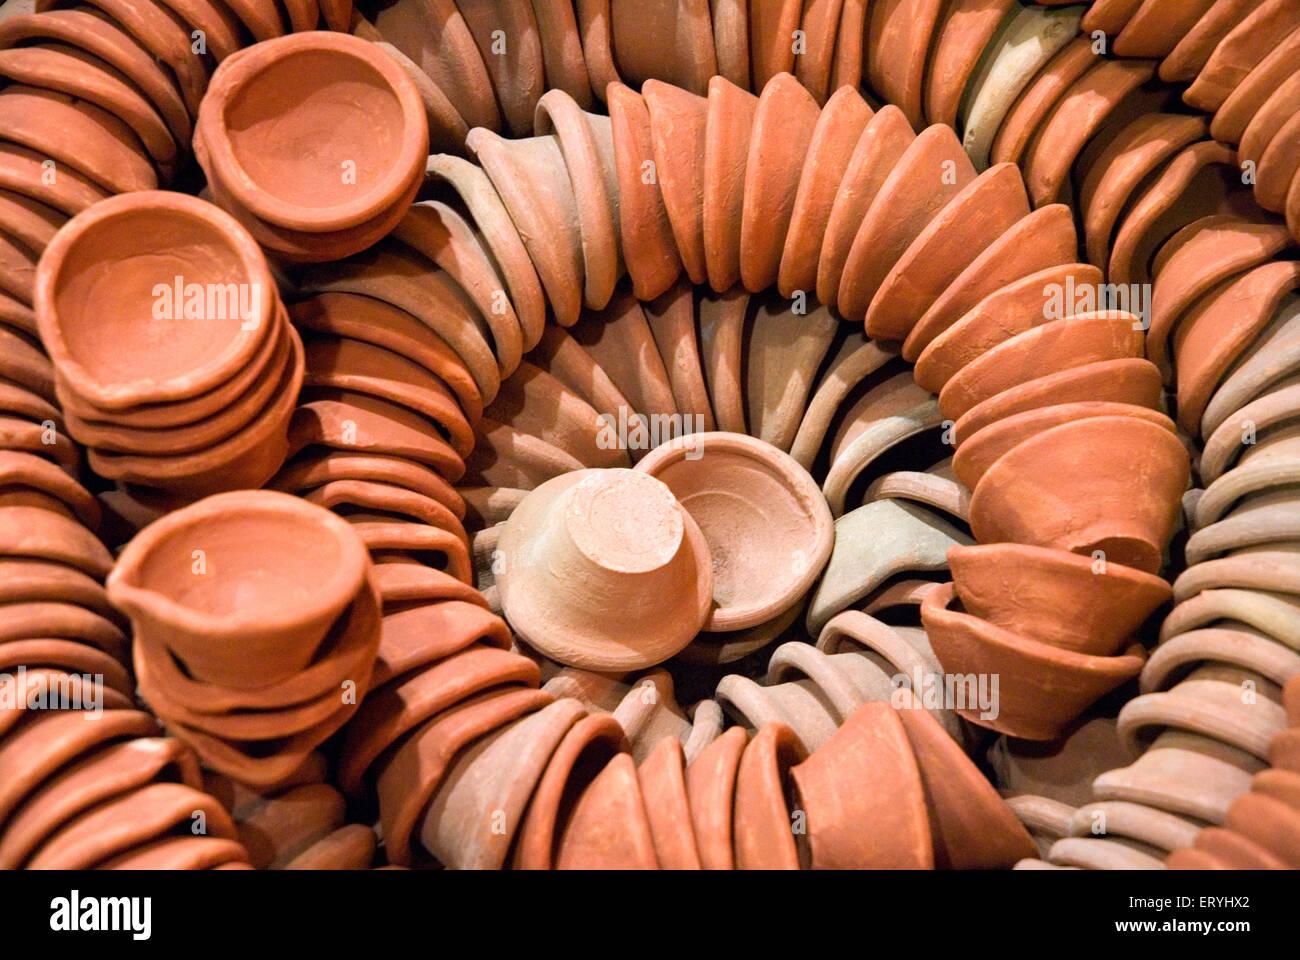 Earthenware terracotta oil lamps on diwali deepawali festival - Stock Image